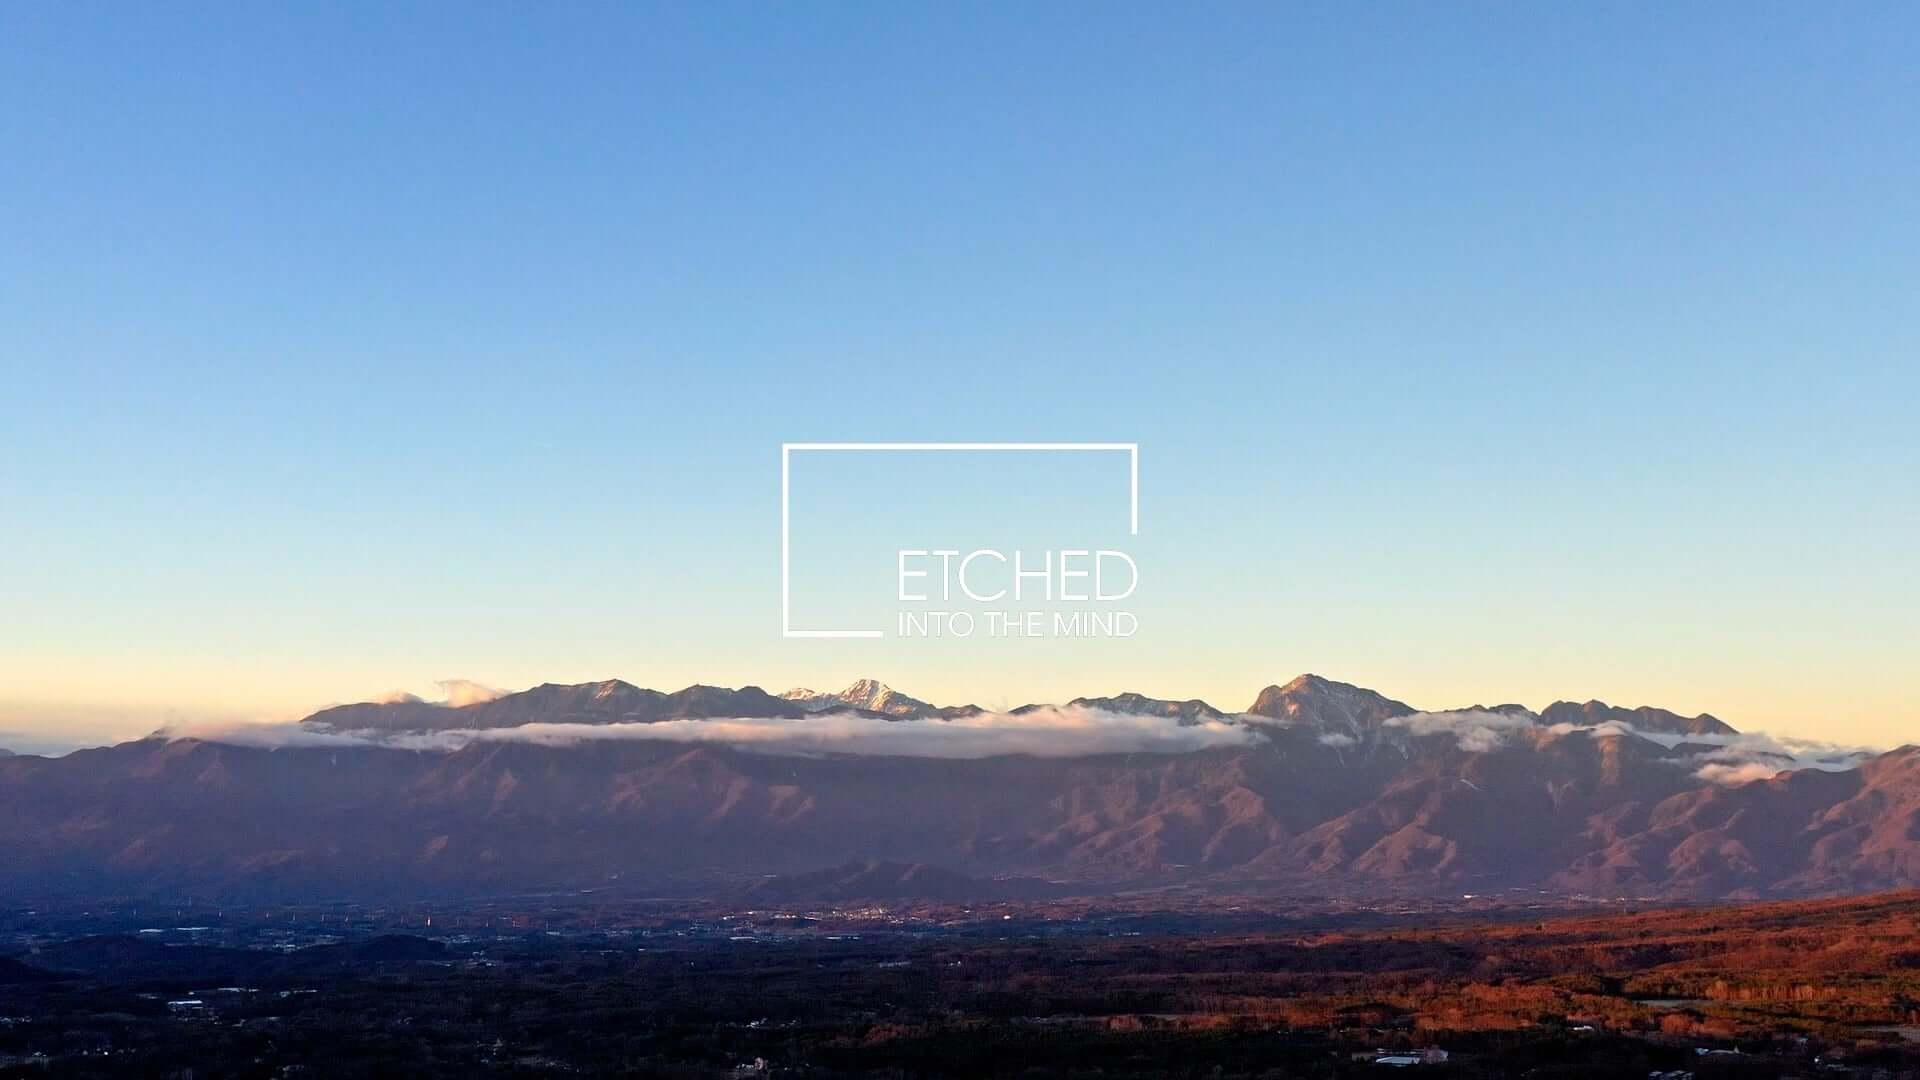 Wata Igarashiのライブセットが世界初の映像化!4Kの映像音楽アートプロジェクト「ETCHED」第3弾作品が公開 music210113_etched_4-1920x1080